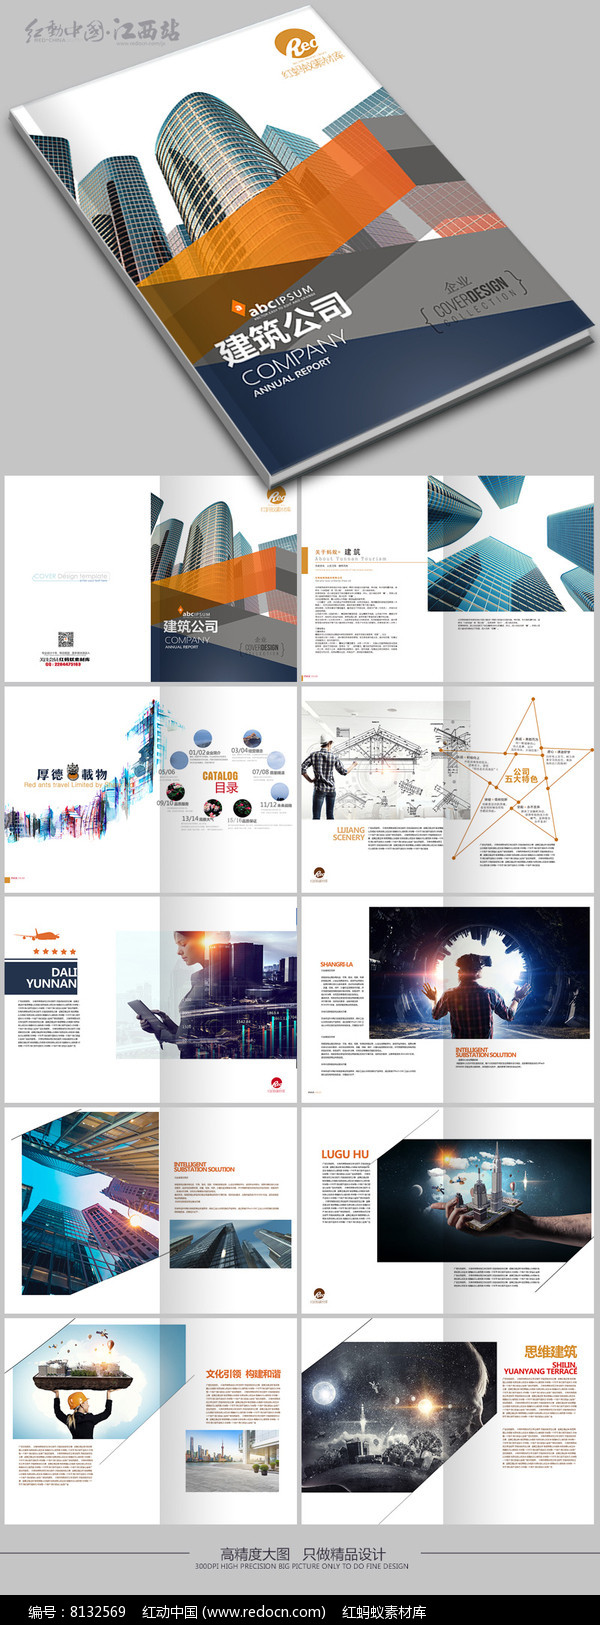 简约大气建筑公司画册版式设计图片